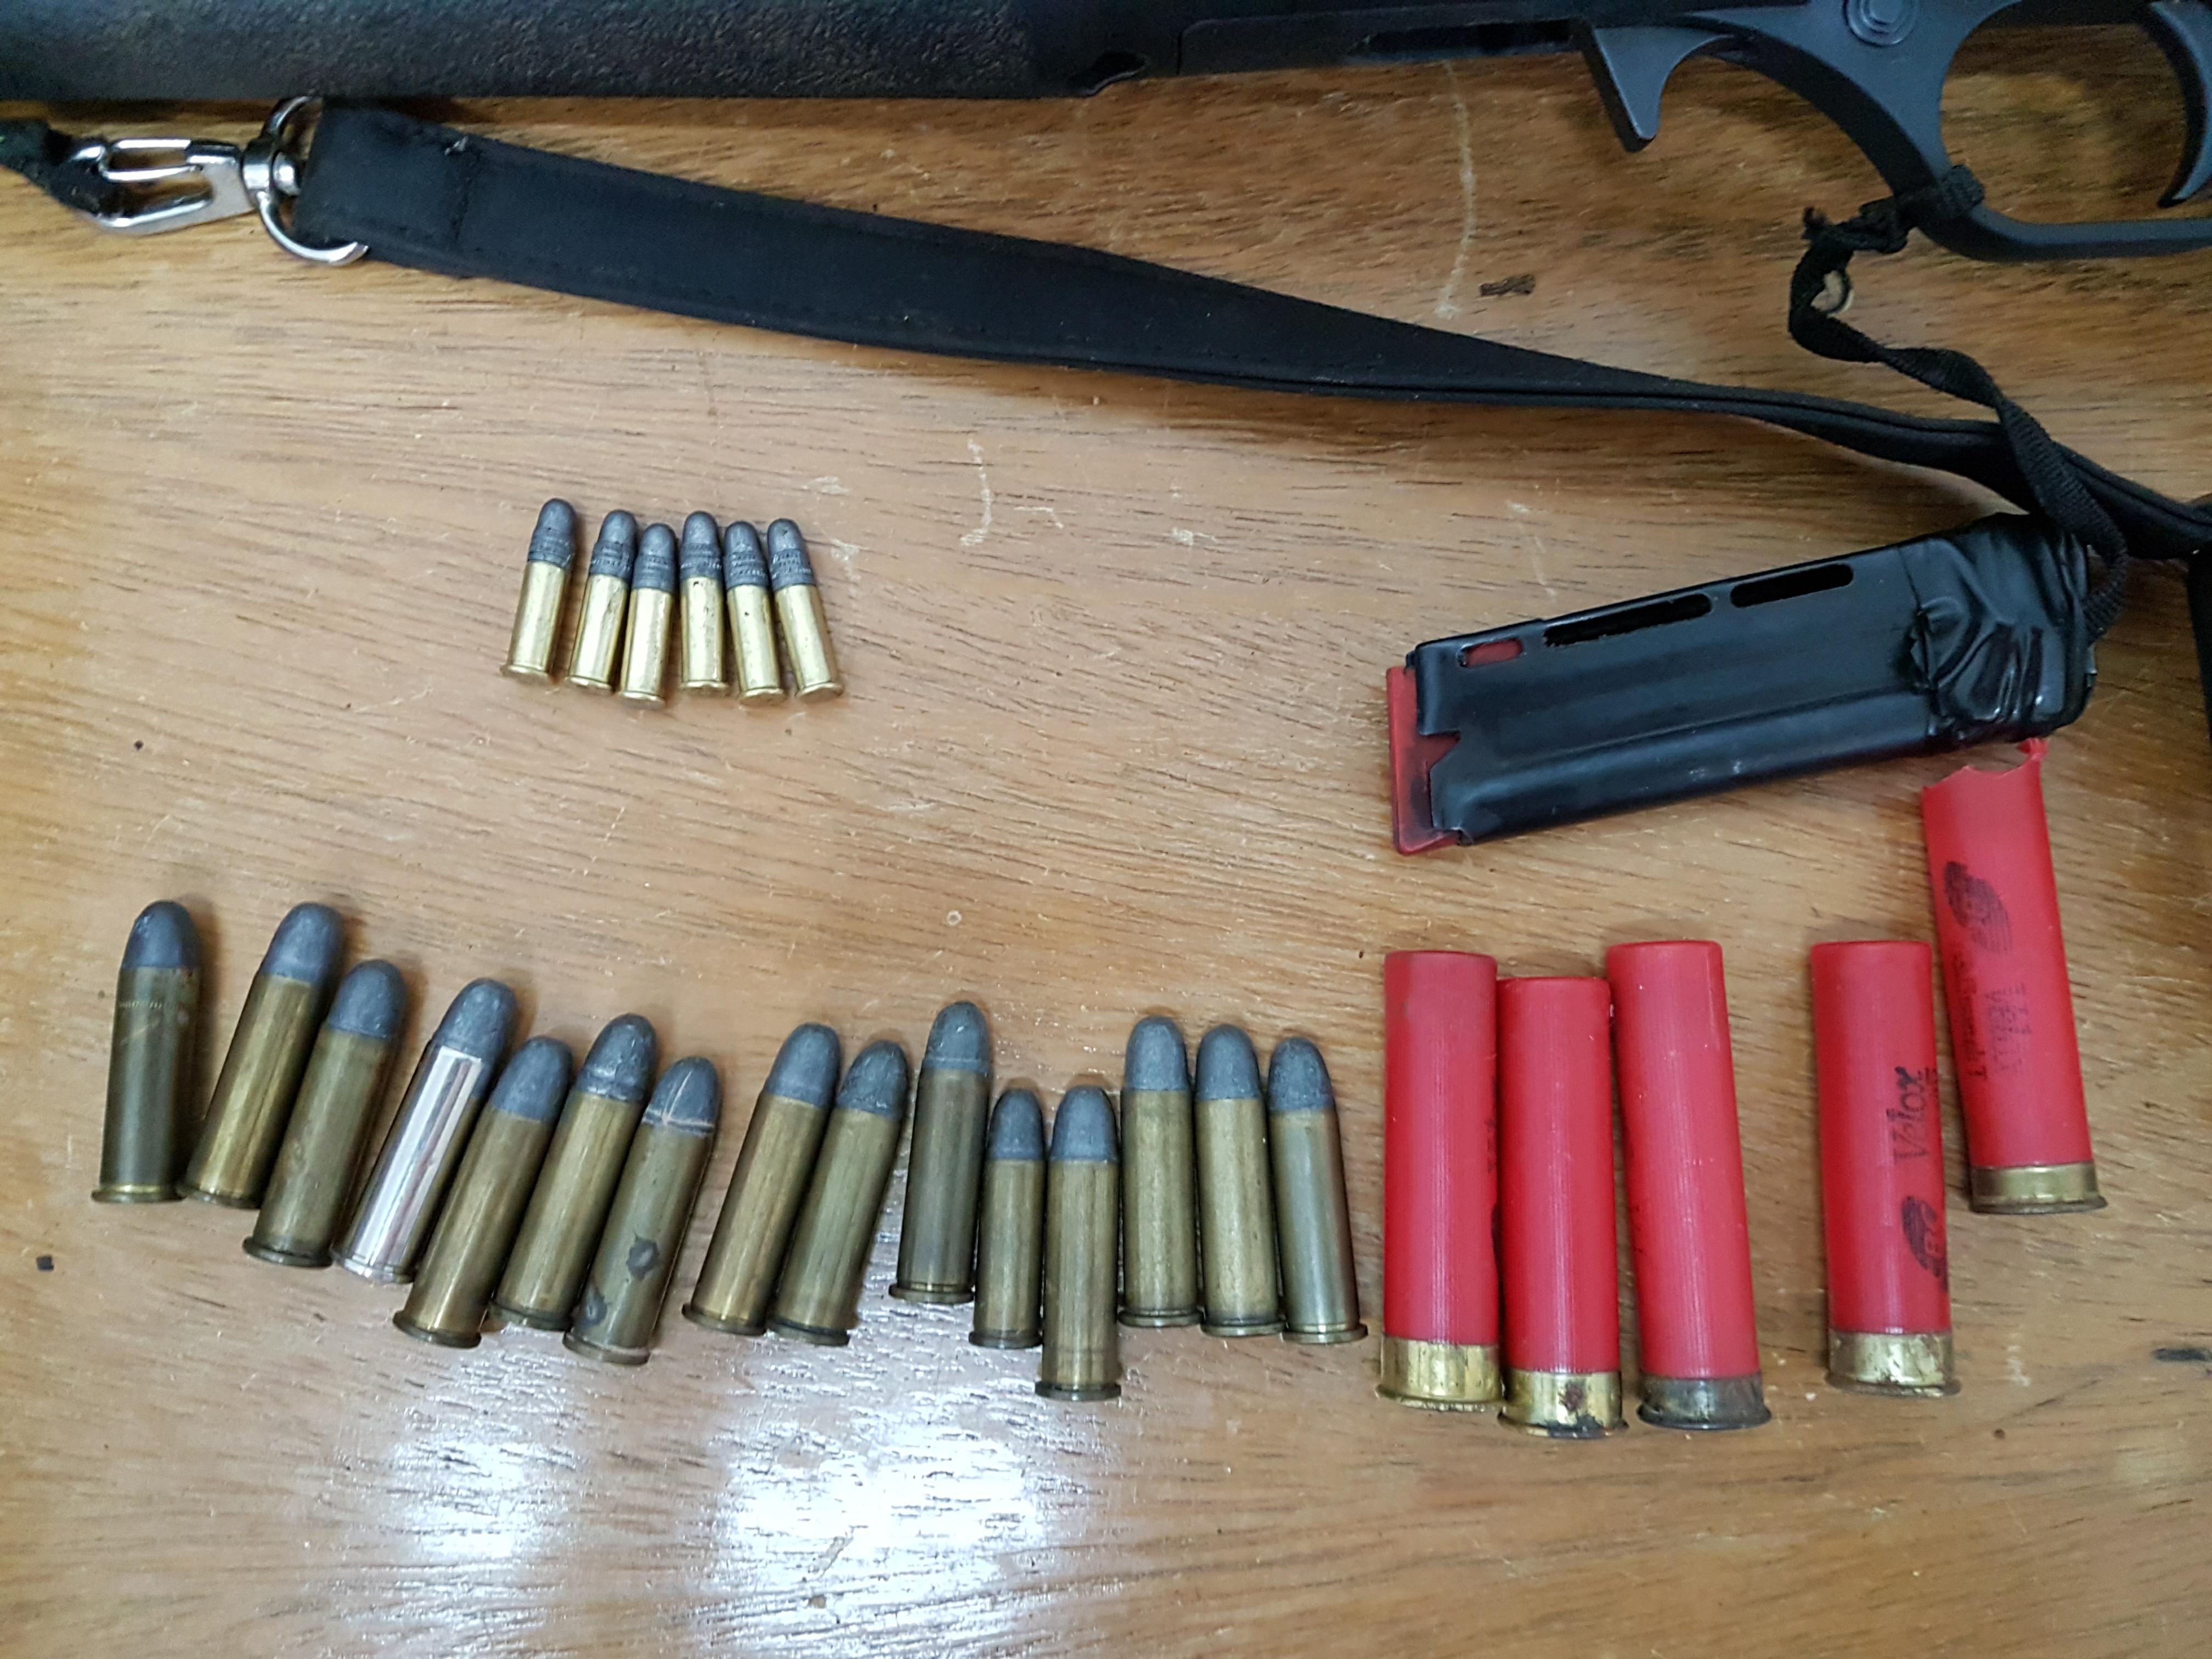 Polícia cumpre mandado de busca e apreensão de armas e munições em Riqueza